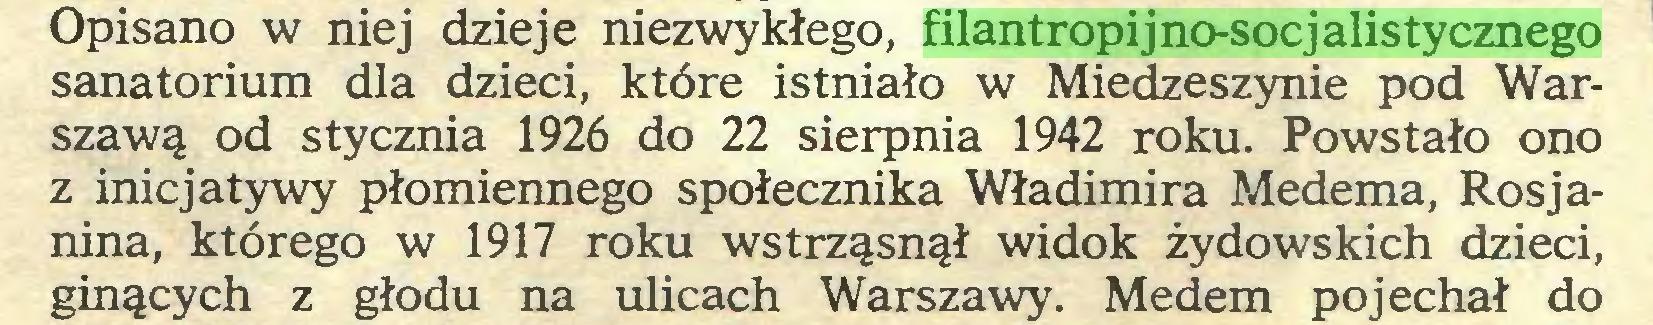 (...) Opisano w niej dzieje niezwykłego, filantropijno-socjalistycznego sanatorium dla dzieci, które istniało w Miedzeszynie pod Warszawą od stycznia 1926 do 22 sierpnia 1942 roku. Powstało ono z inicjatywy płomiennego społecznika Władimira Medema, Rosjanina, którego w 1917 roku wstrząsnął widok żydowskich dzieci, ginących z głodu na ulicach Warszawy. Medem pojechał do...